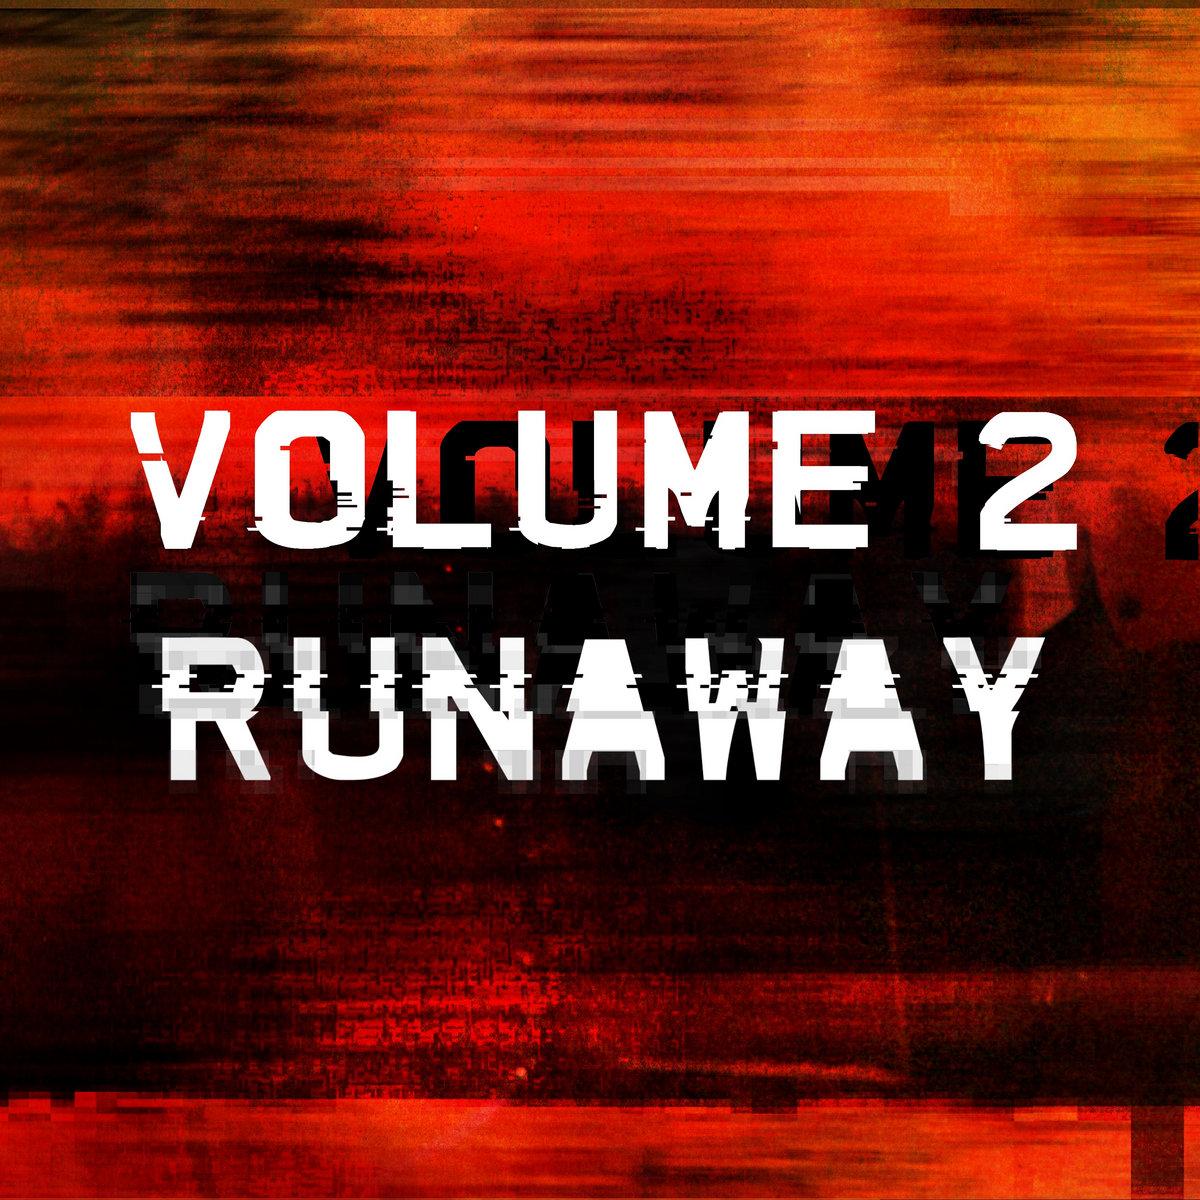 Runaway - Volume 2